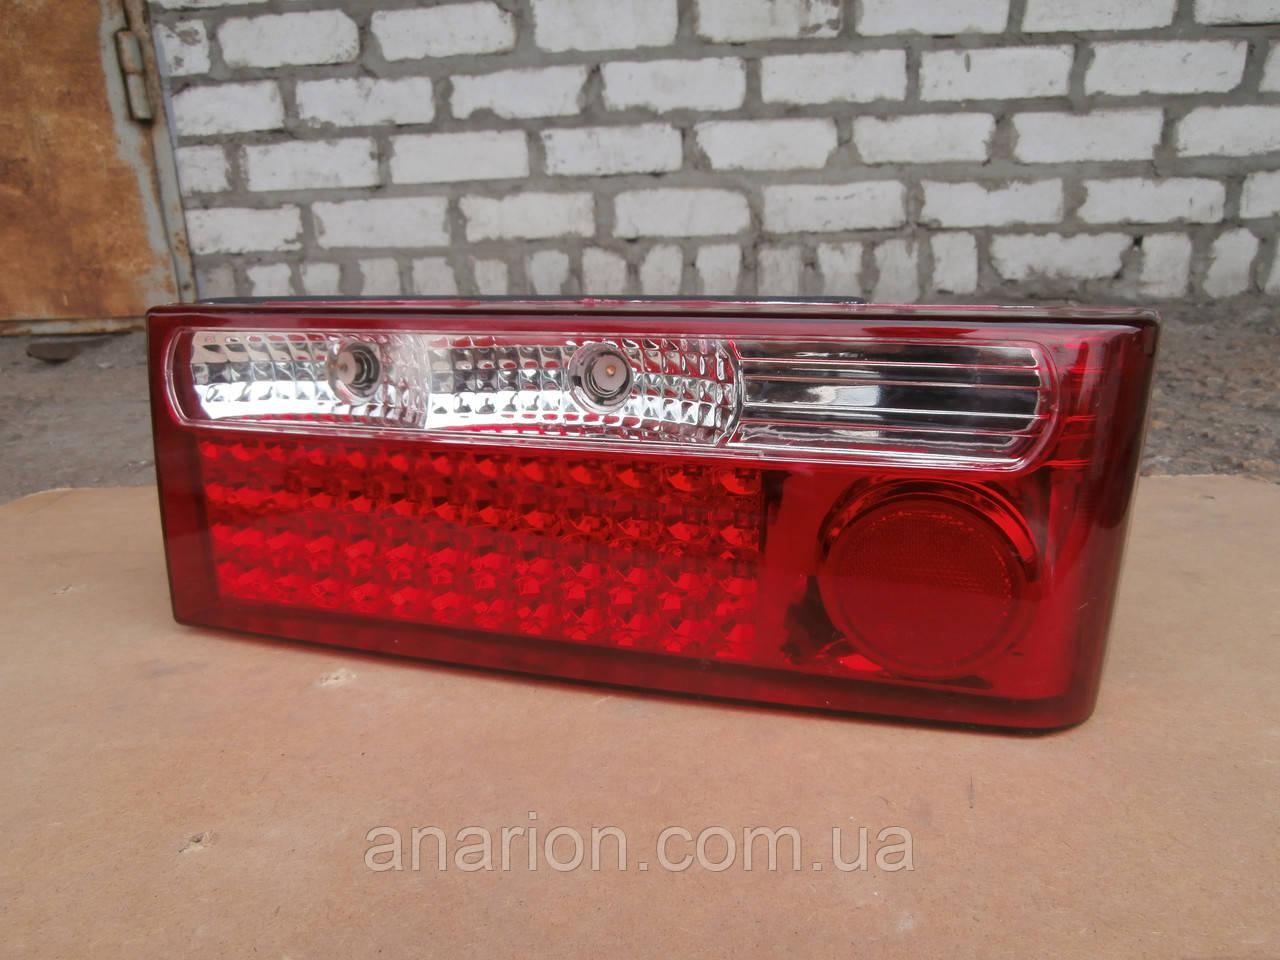 Задние фонари на ВАЗ 21099 №5001С2 (диодные)